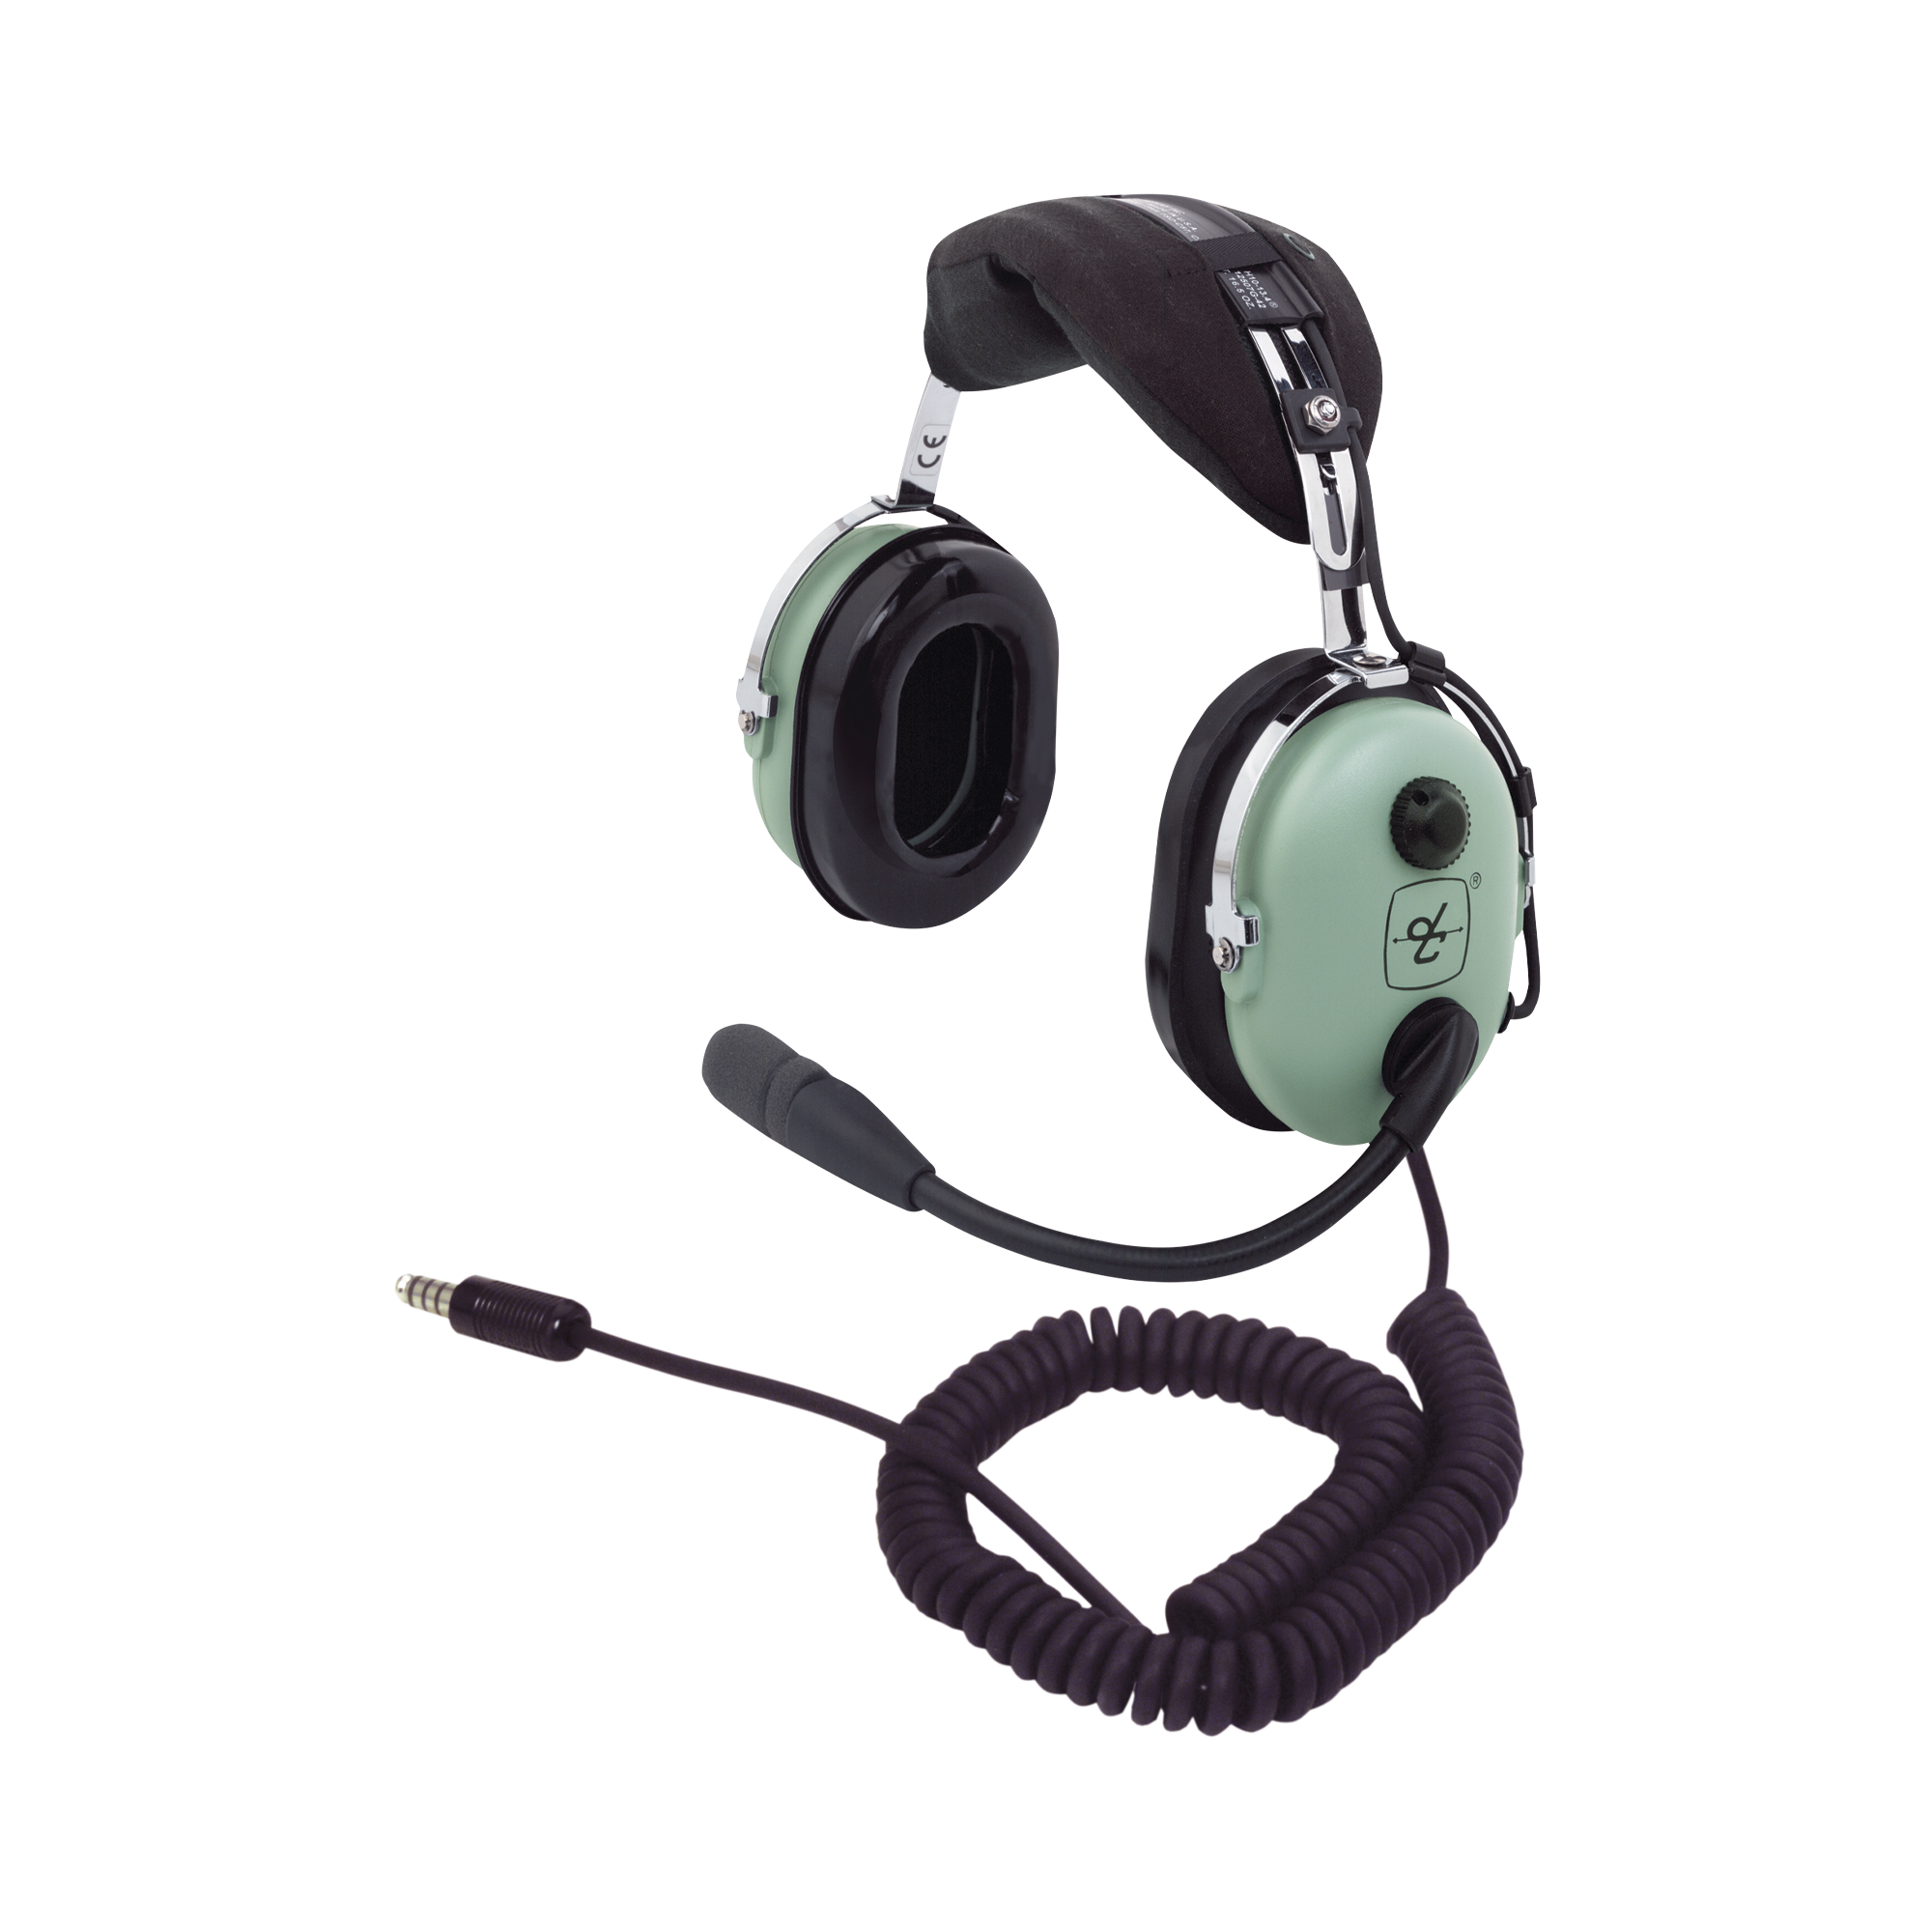 Auriculares con atenuacion de ruido pasivo para radios aéreos en helicopteros